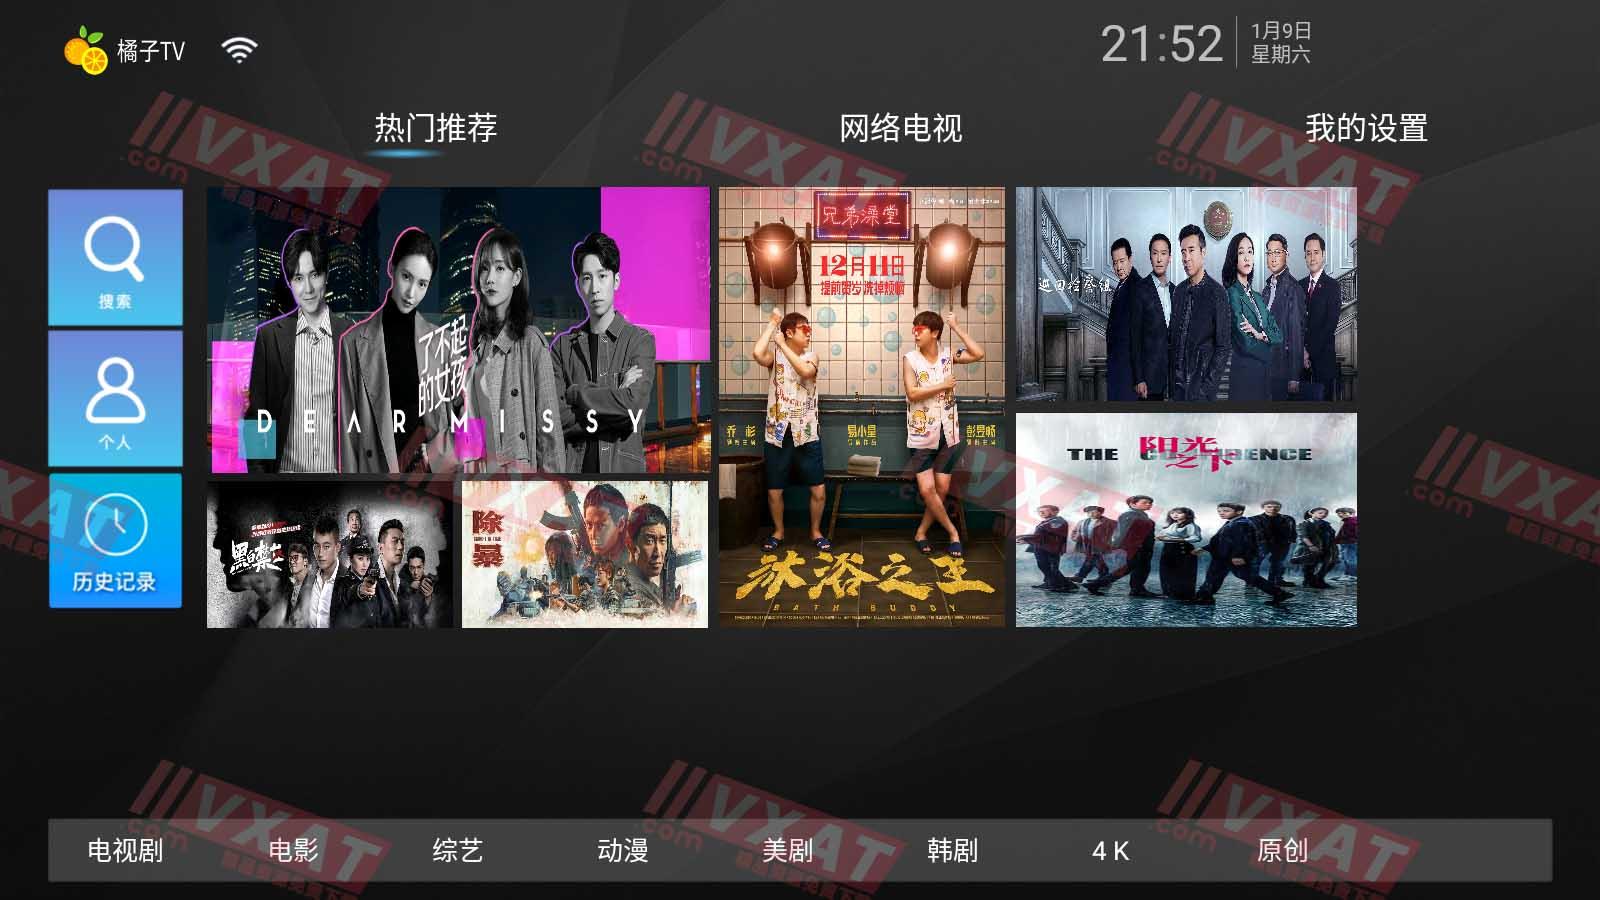 橘子TV_v2.9.2电视版 全网影视+电视直播 第2张